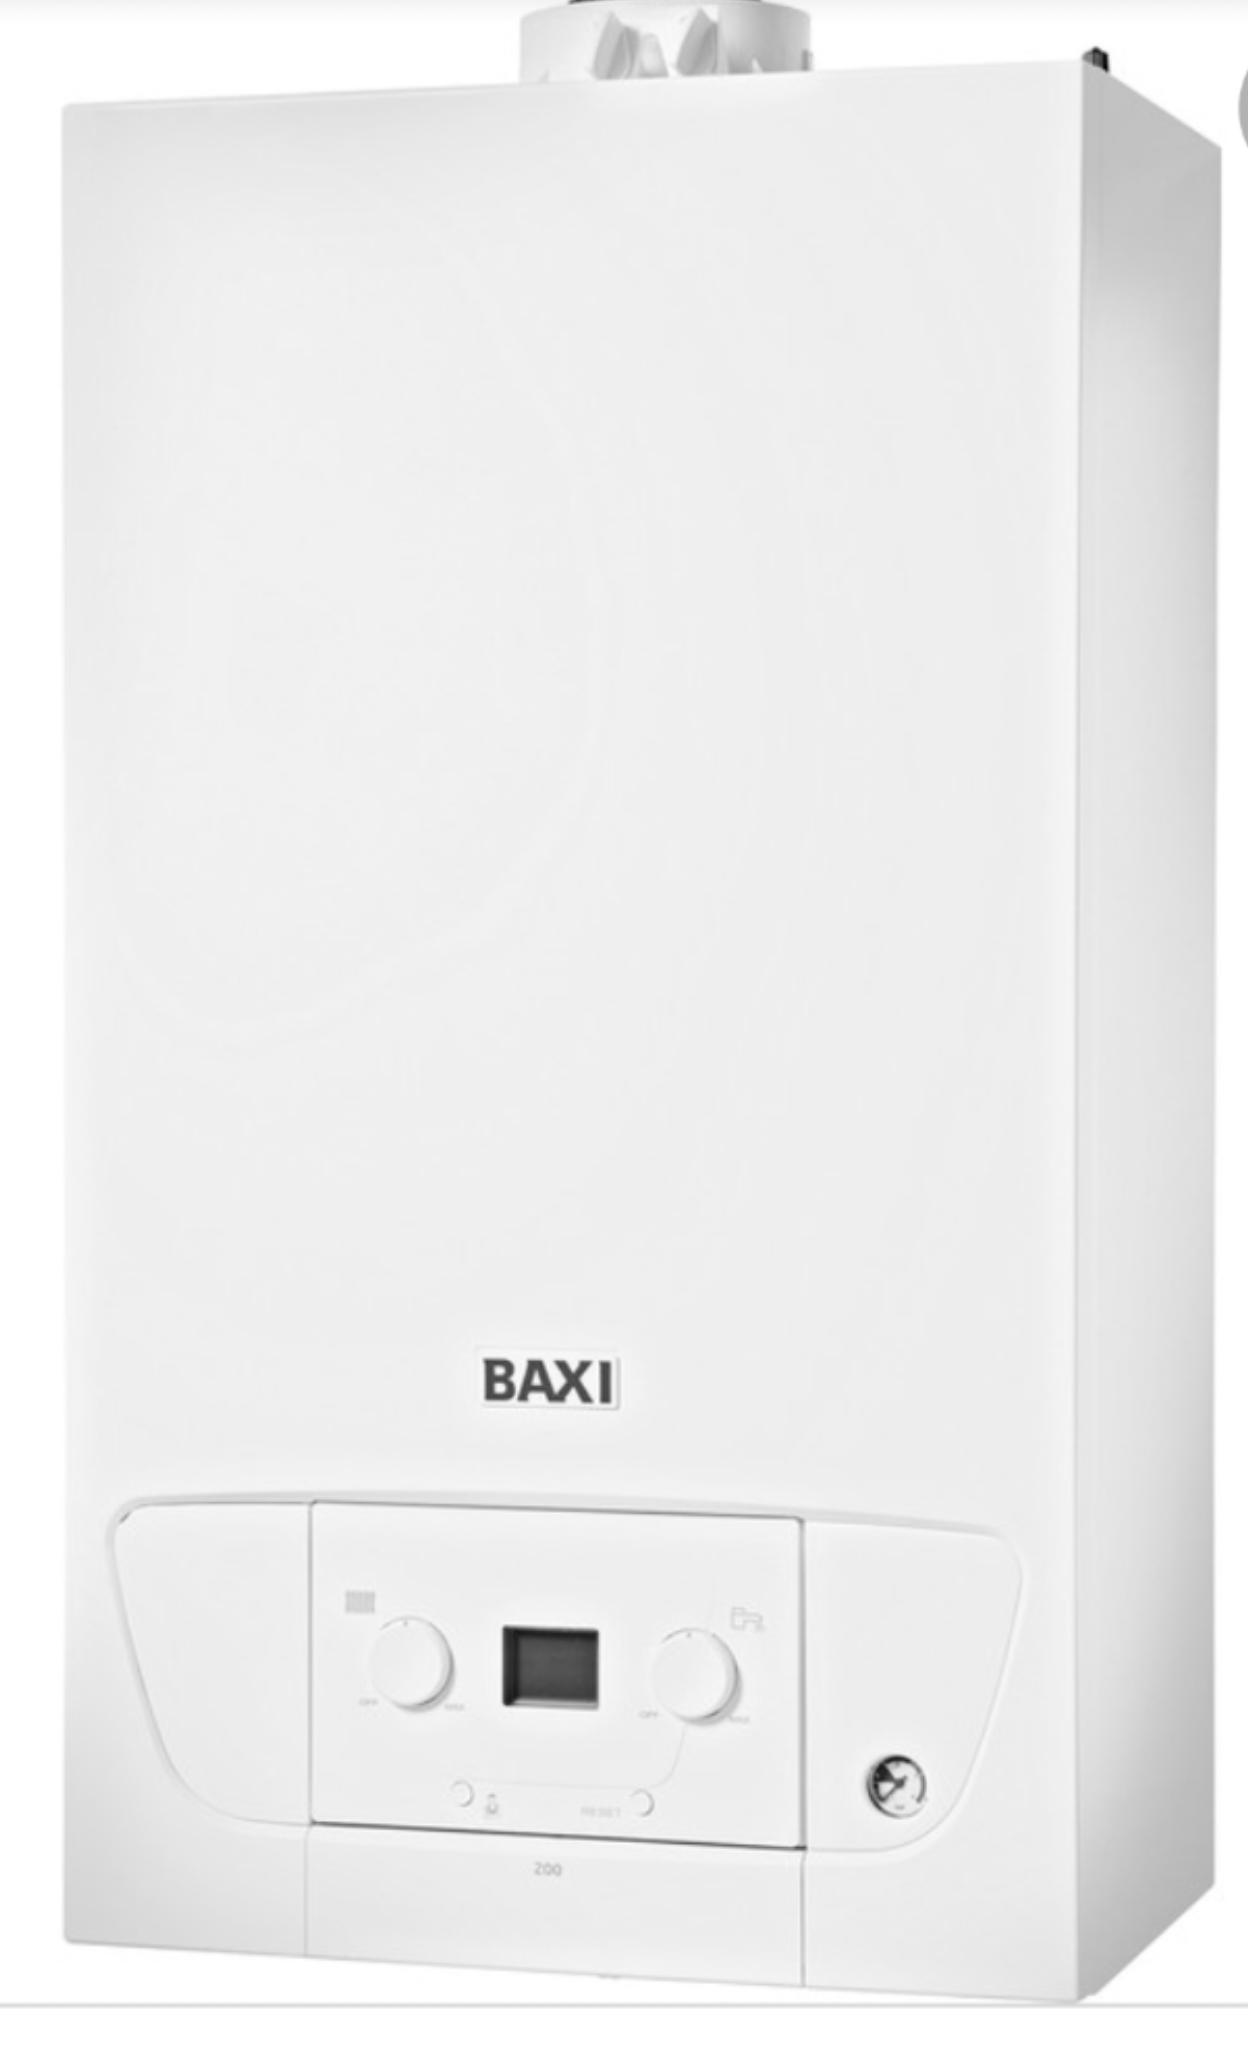 Domestic Boiler Service